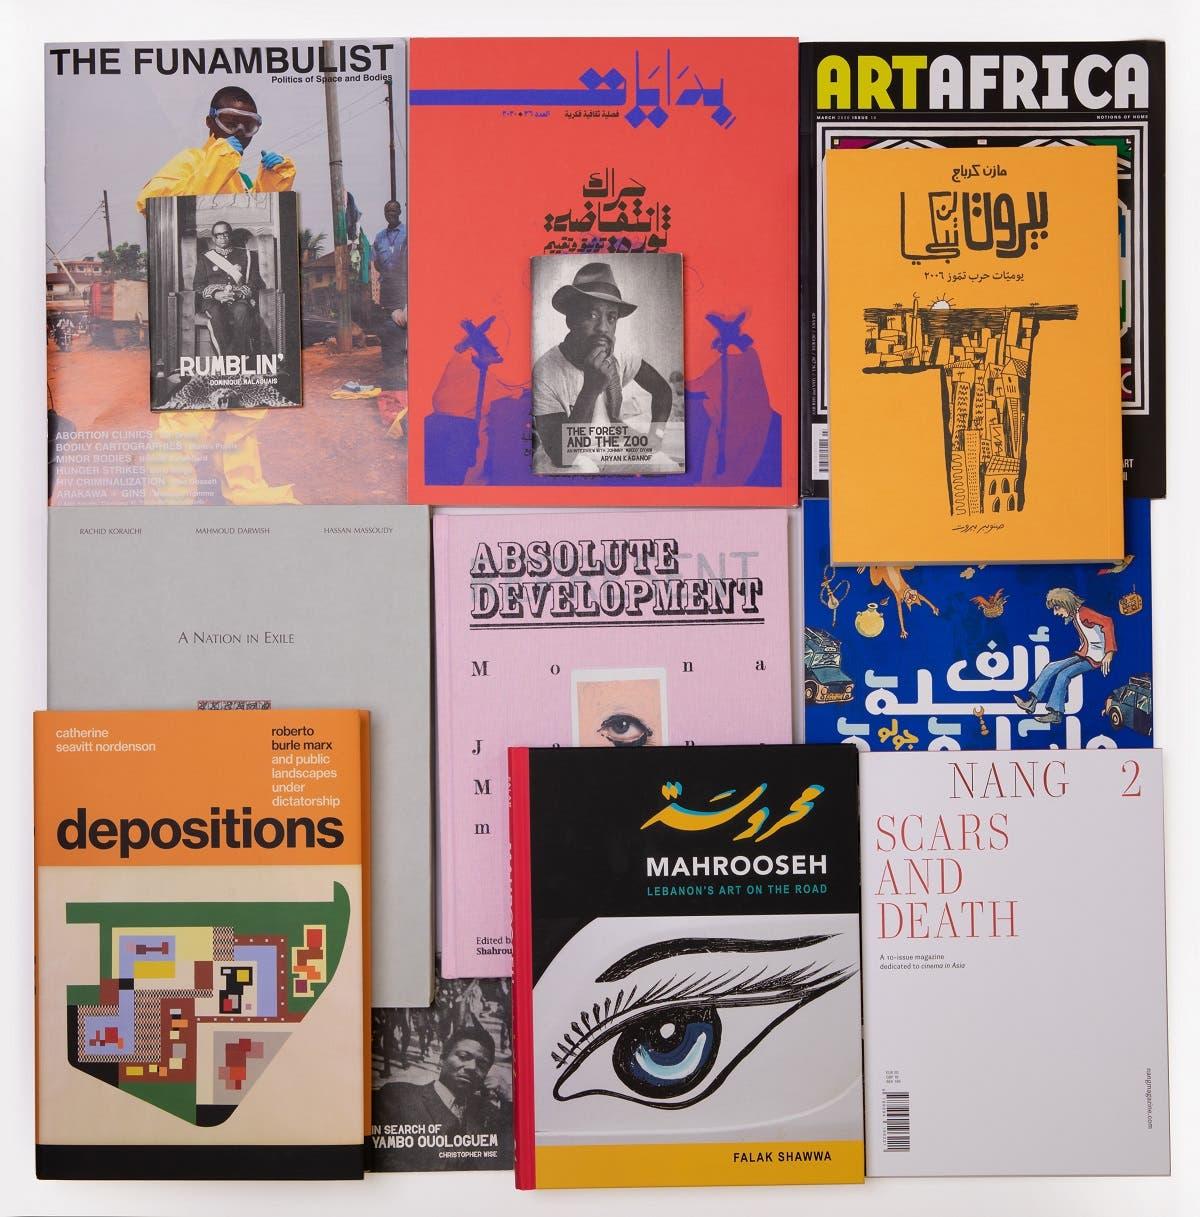 Image courtesy of Sharjah Art Foundation.